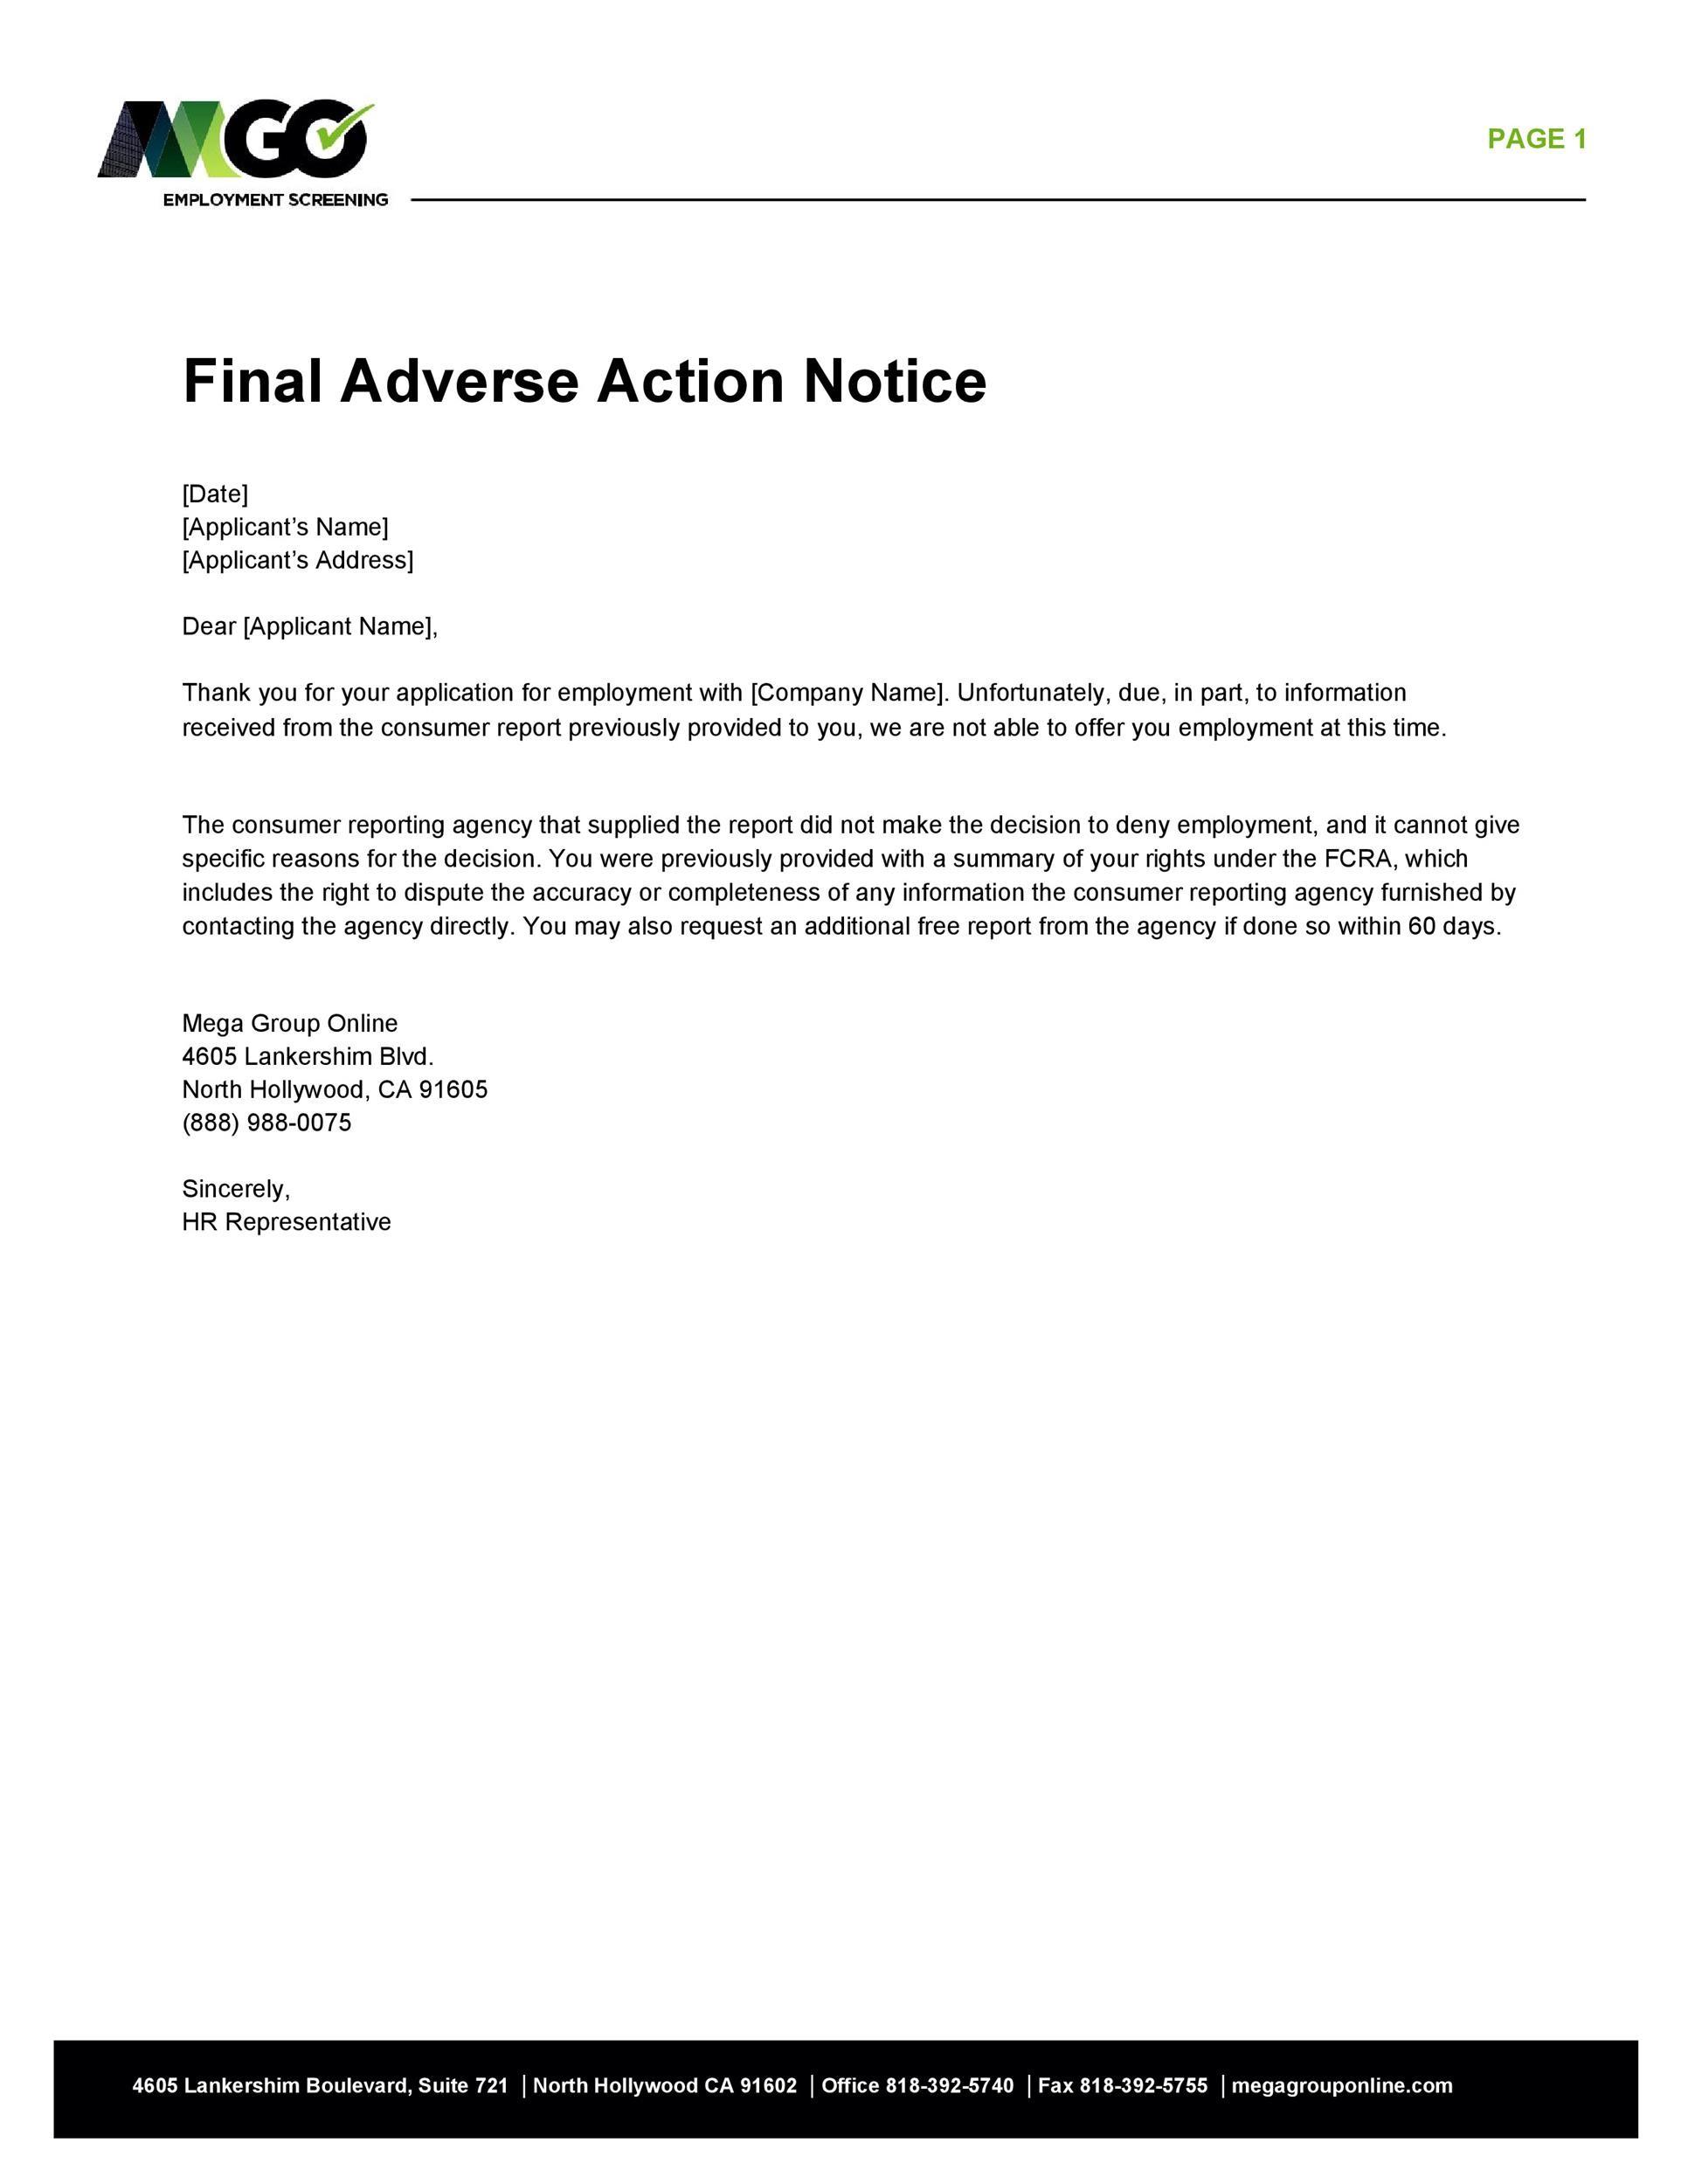 Free adverse action notice 09